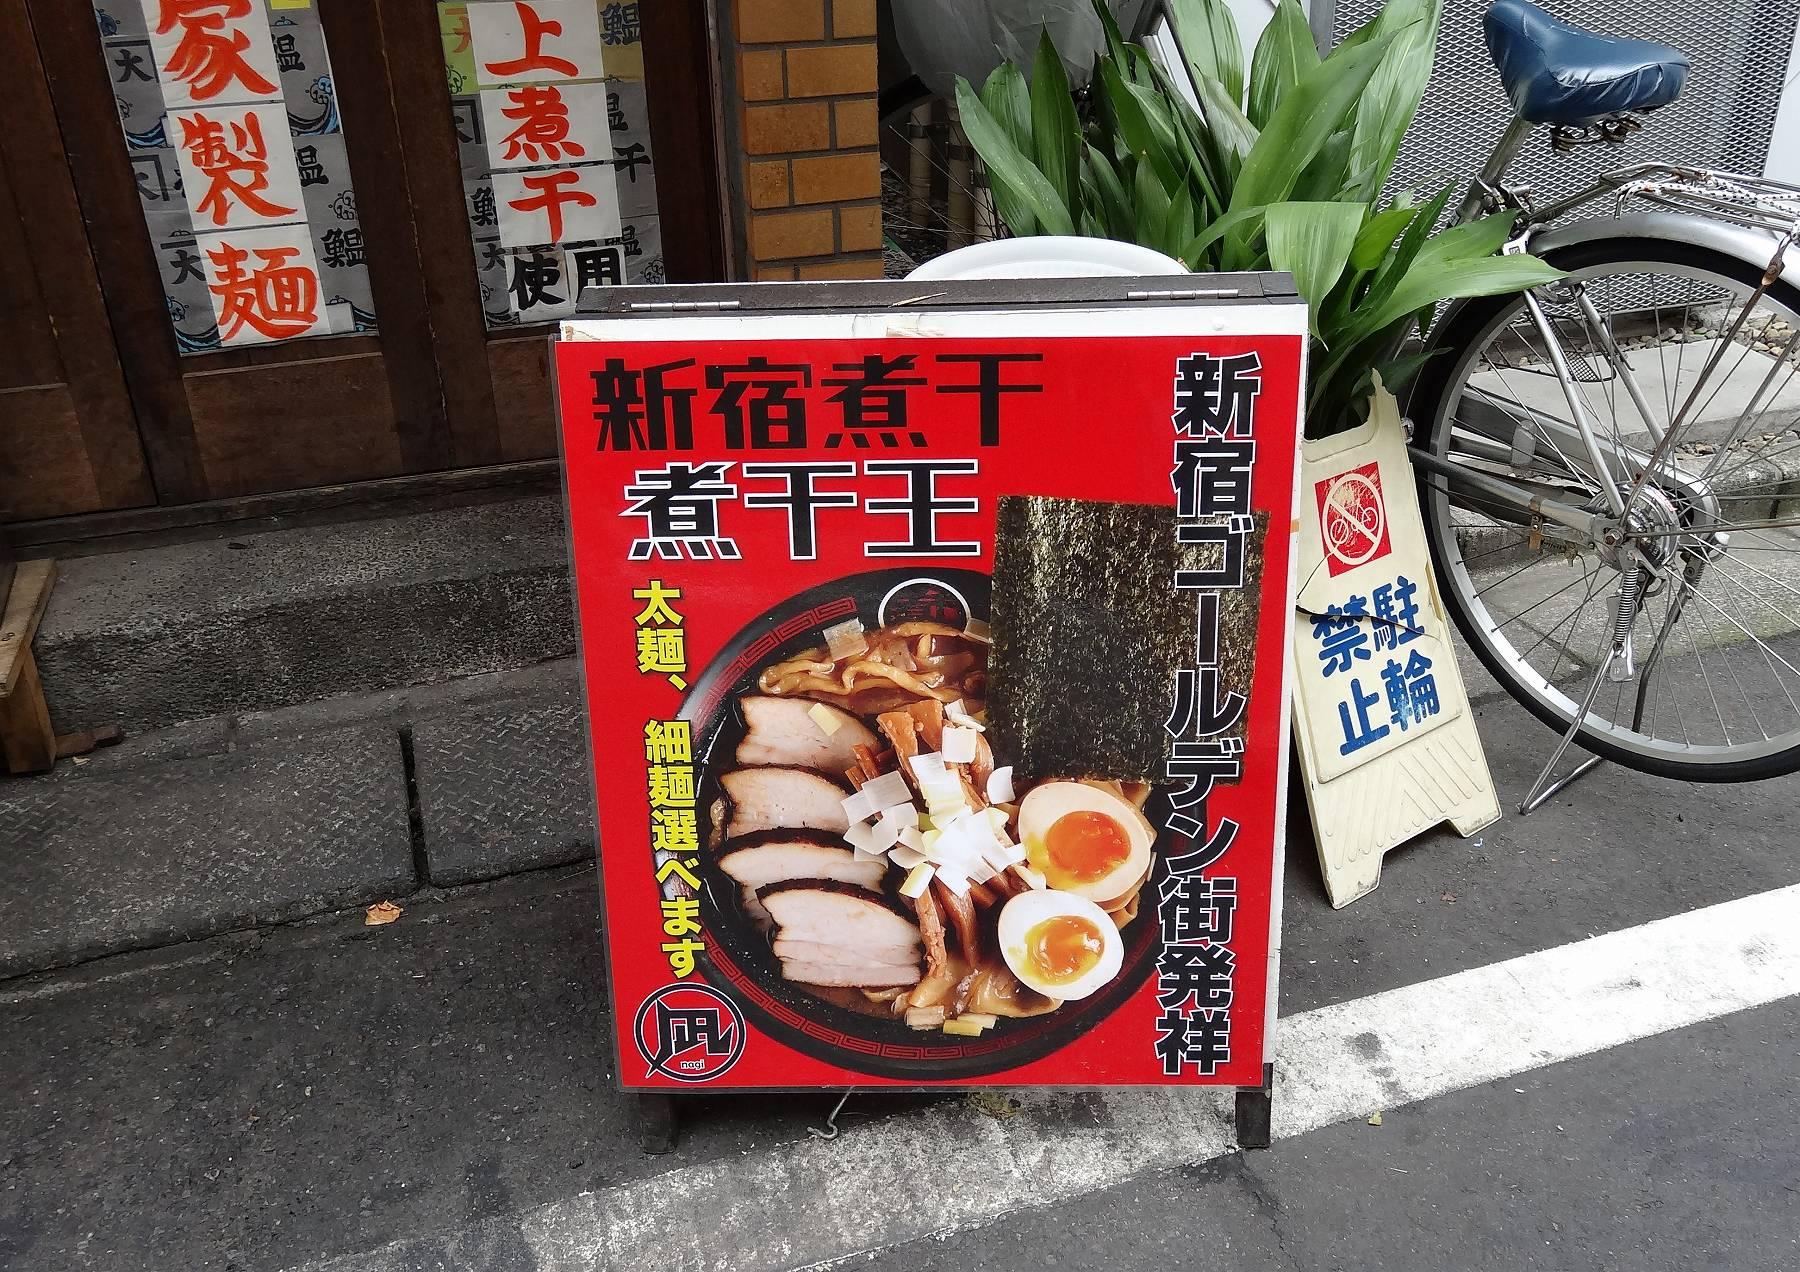 20120814002nagi nishishinjuku